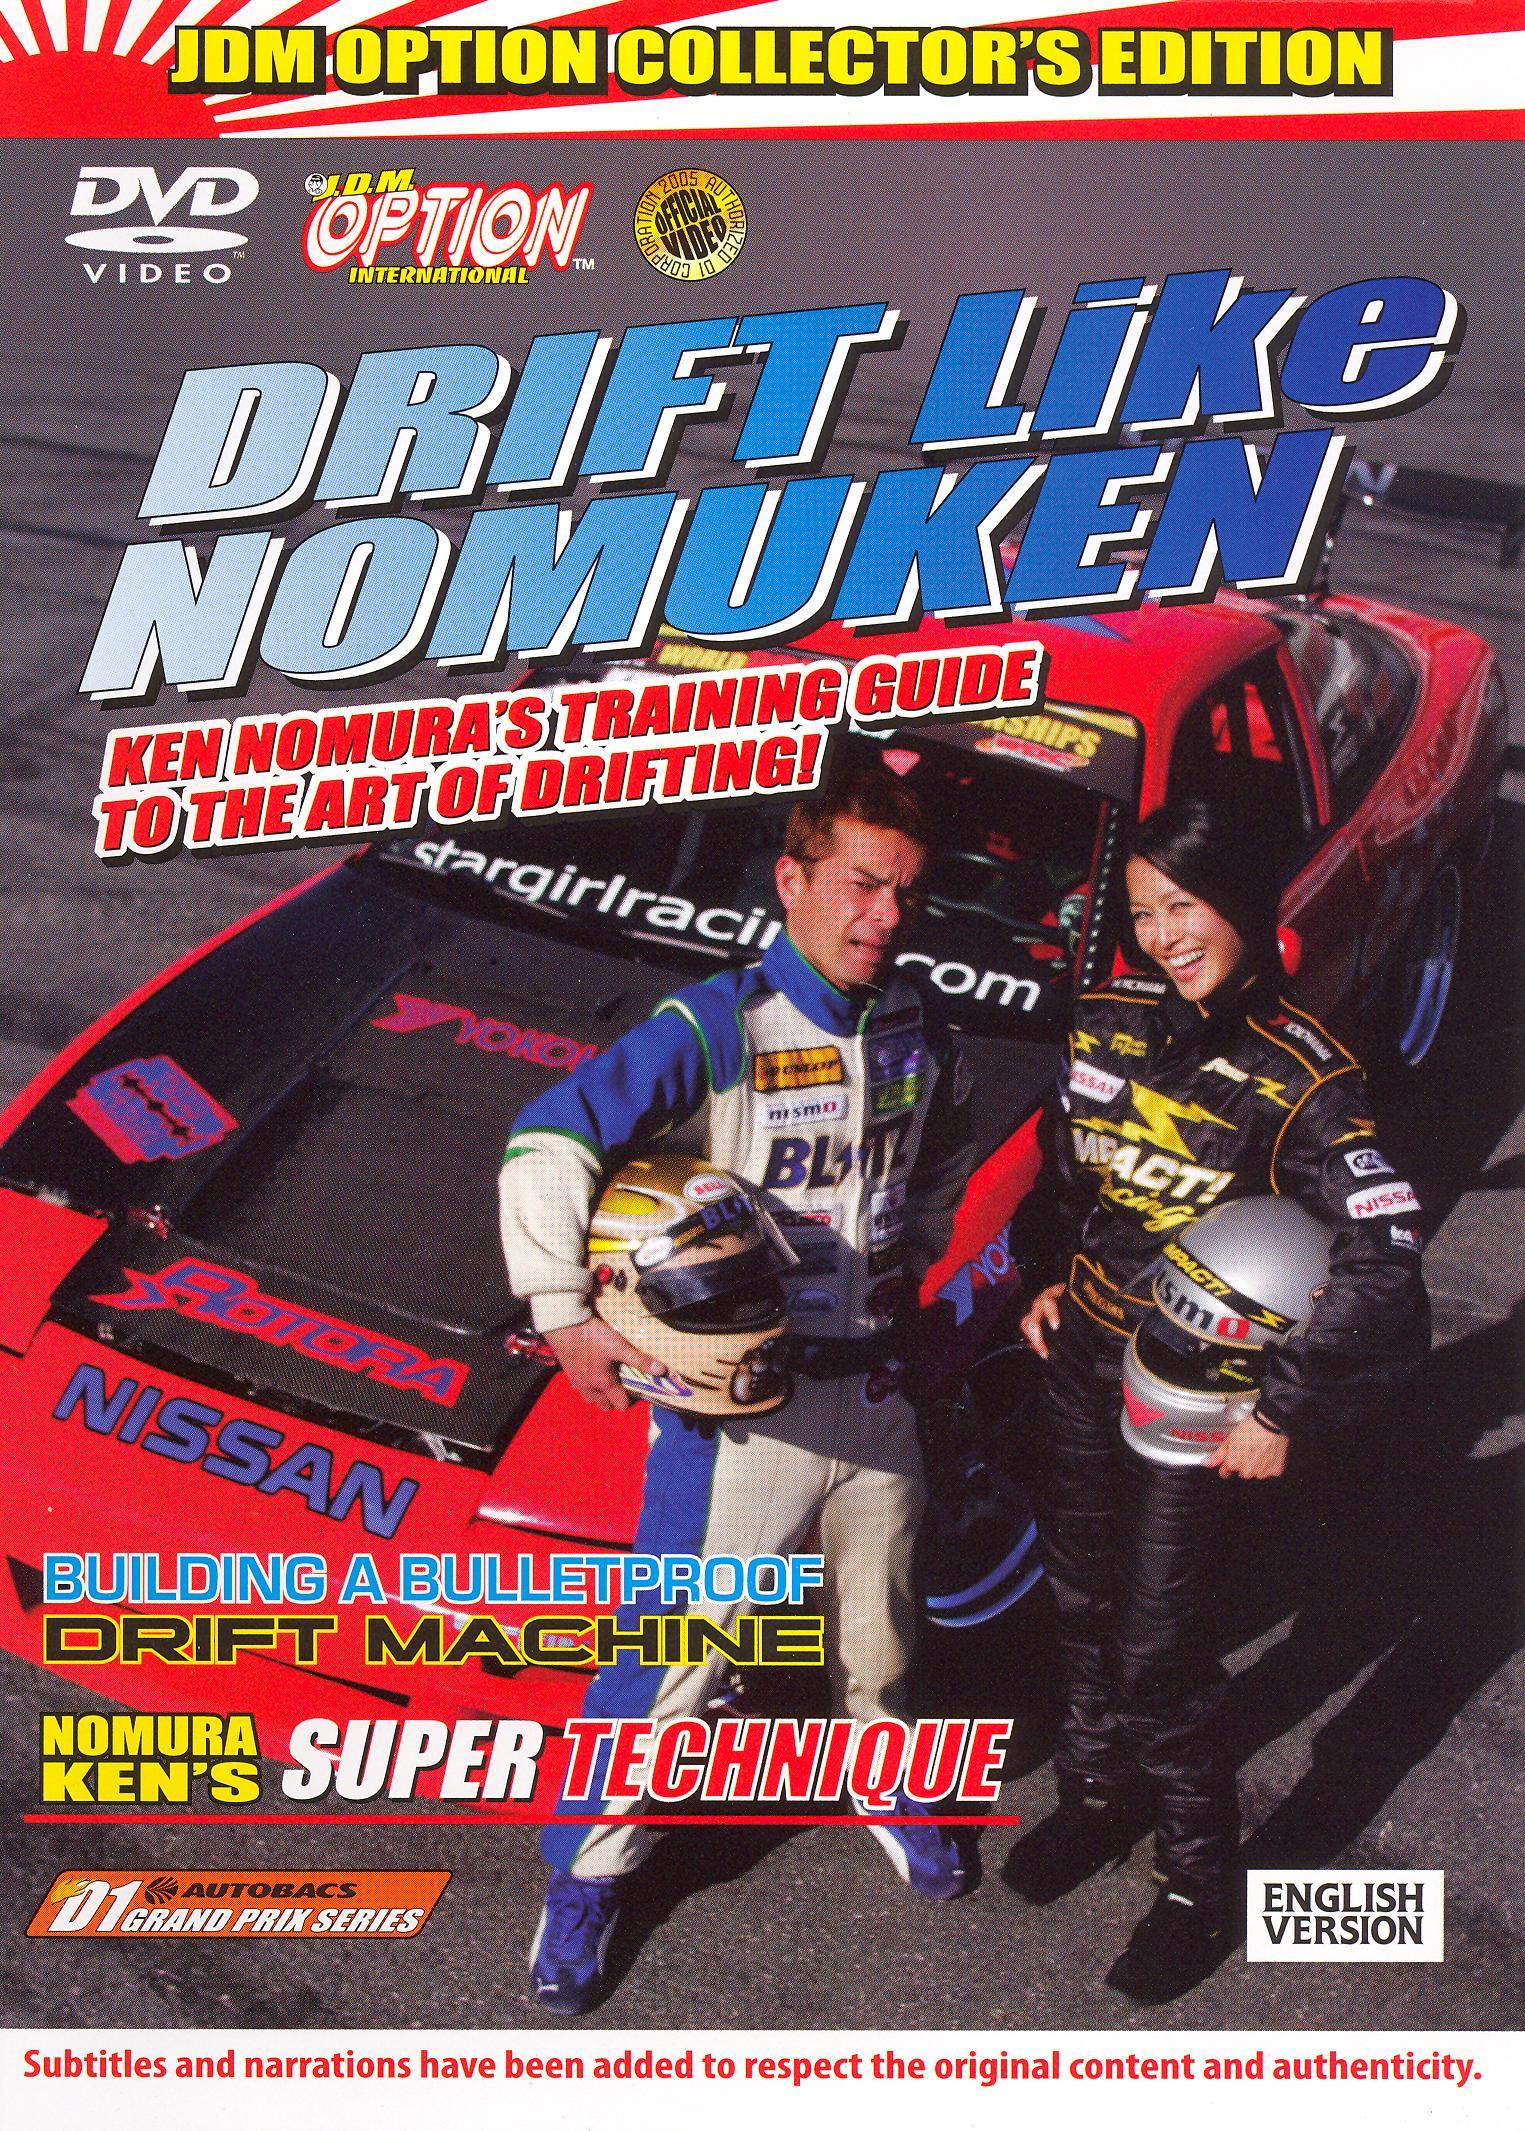 J.D.M. Option International: Drift Like Nomuken